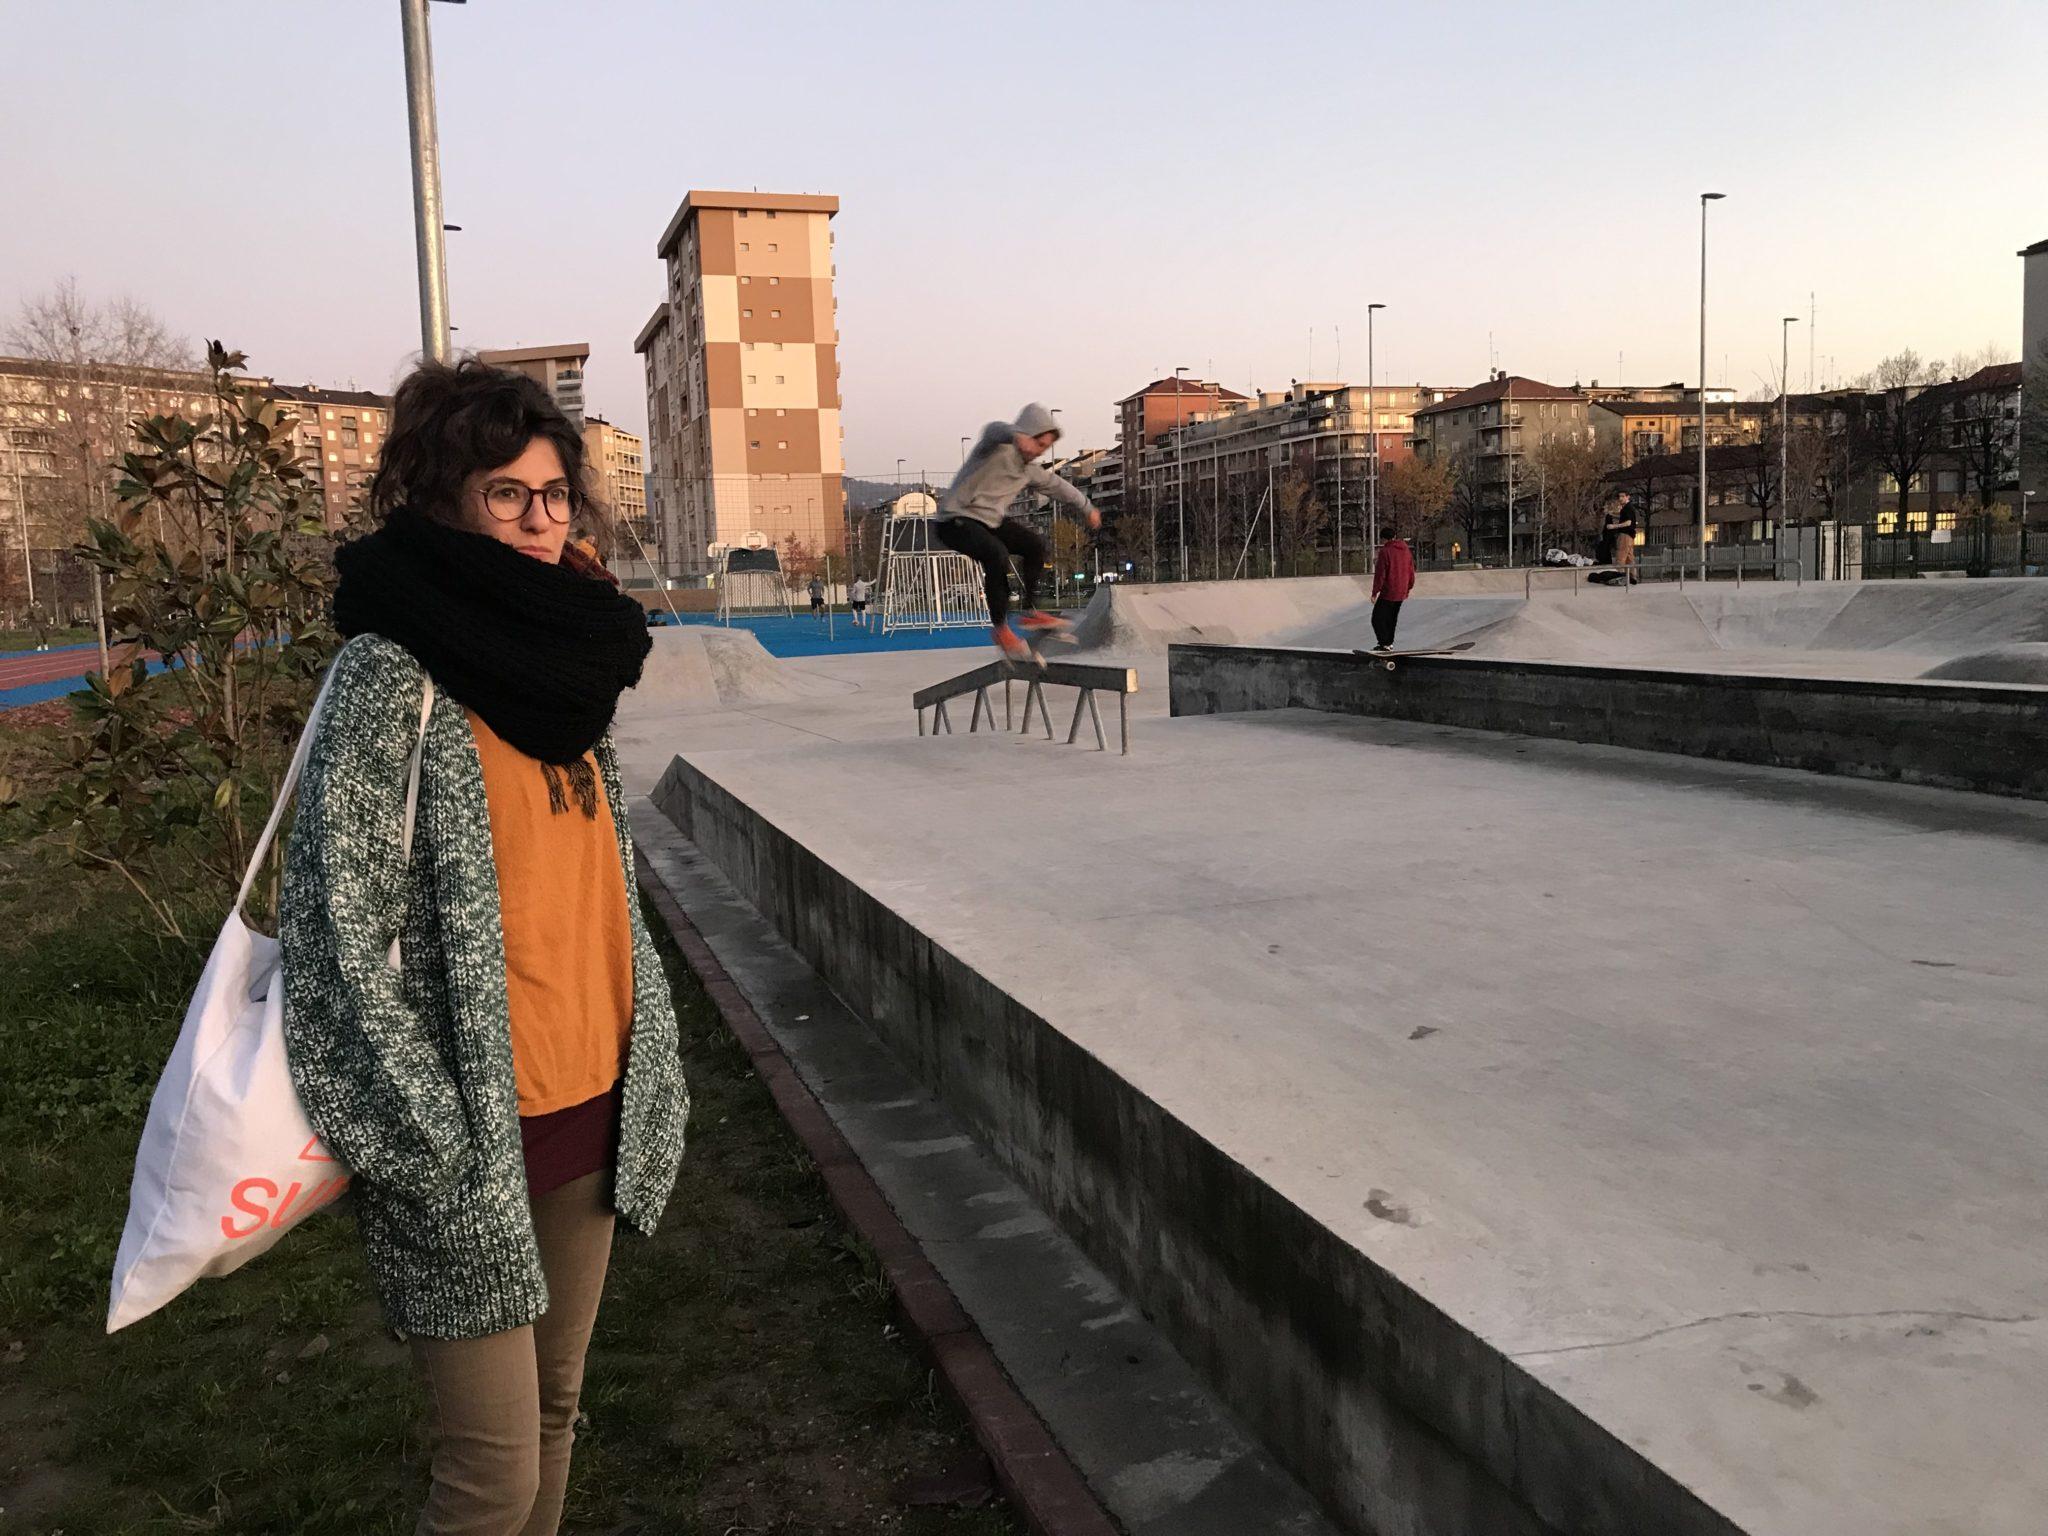 A Torino, nel parco intitolato a Pietro Mennea, c'è un luogo dove correre: il Marmolada Skatepark, uno spazio di 1.600 metri quadrati dedicati allo skate